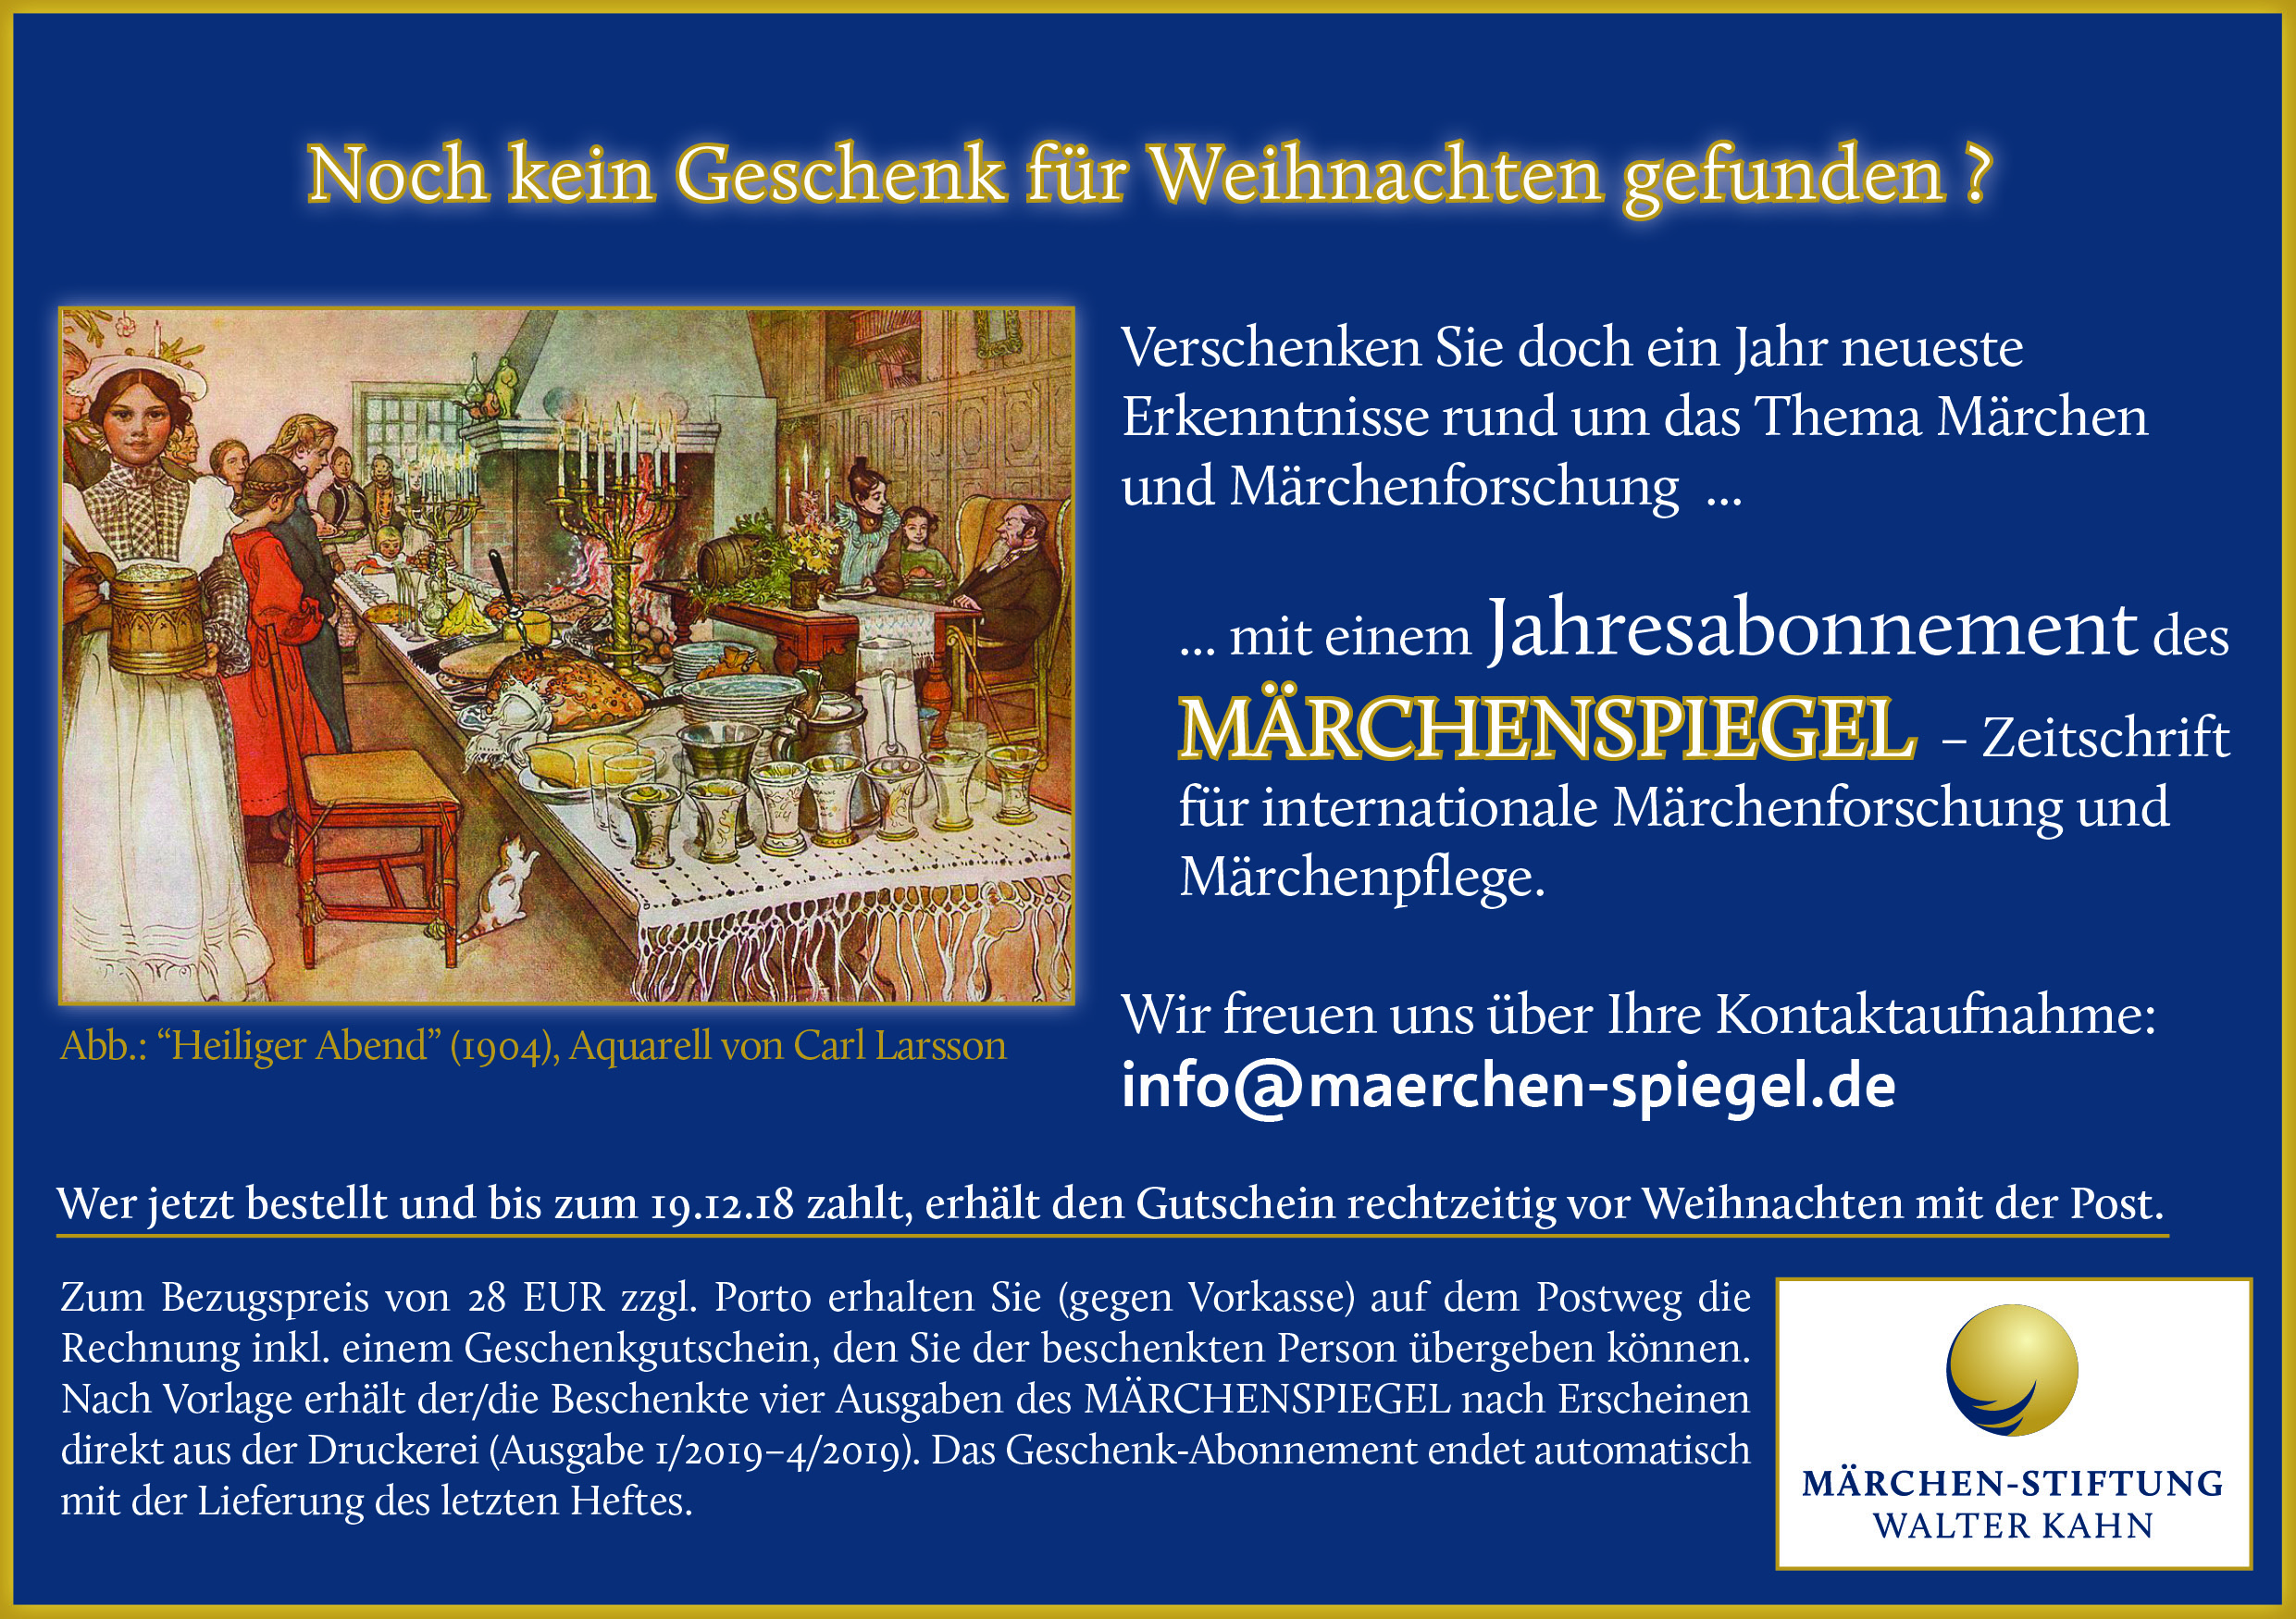 Märchen Weihnachten 2019.Roland Kahn Märchen Stiftung Walter Kahn